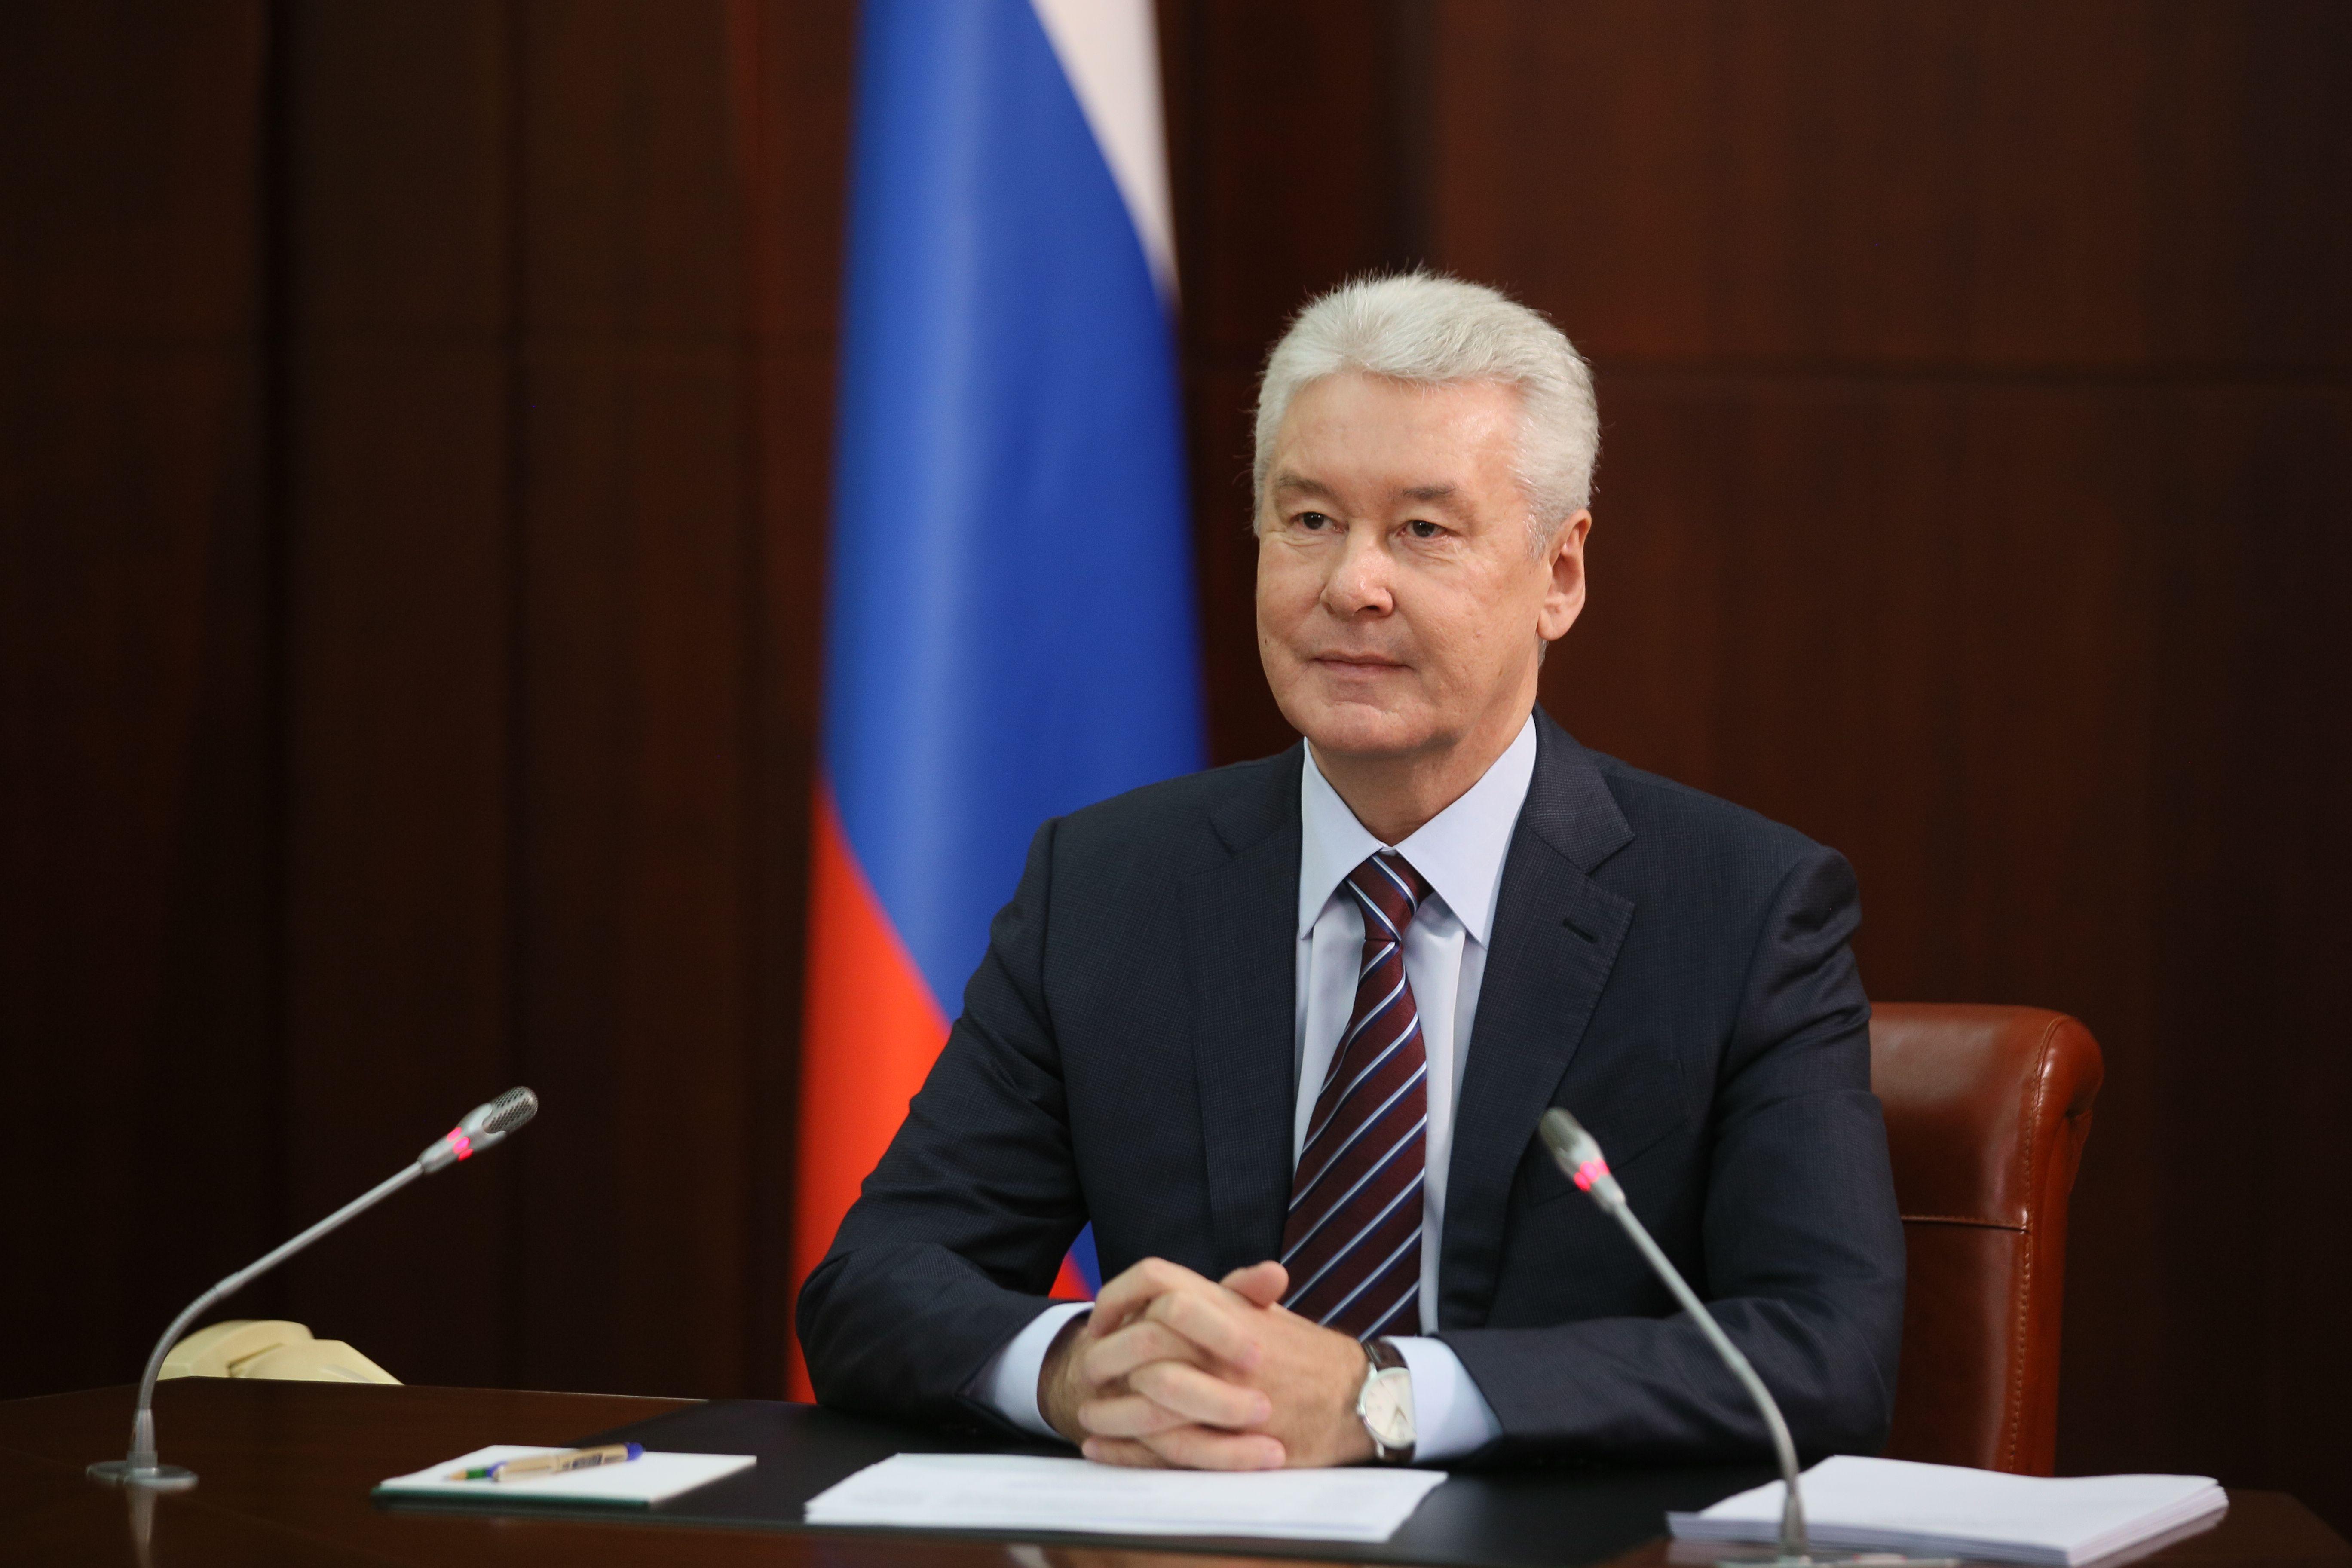 Сергей Собянин сообщил о готовности Москвы к выборам